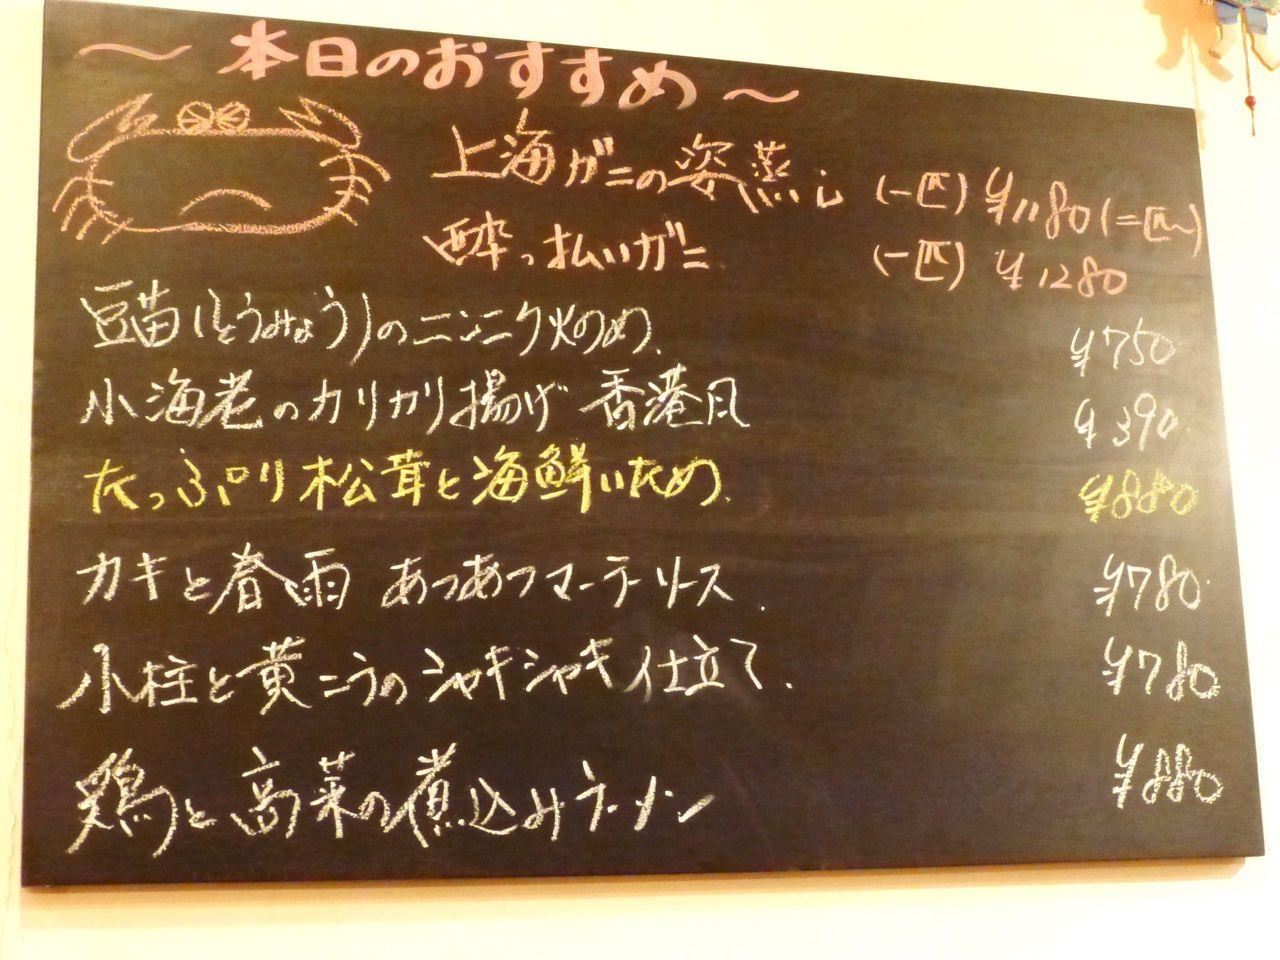 悟空のメニュー(25年11月現在)